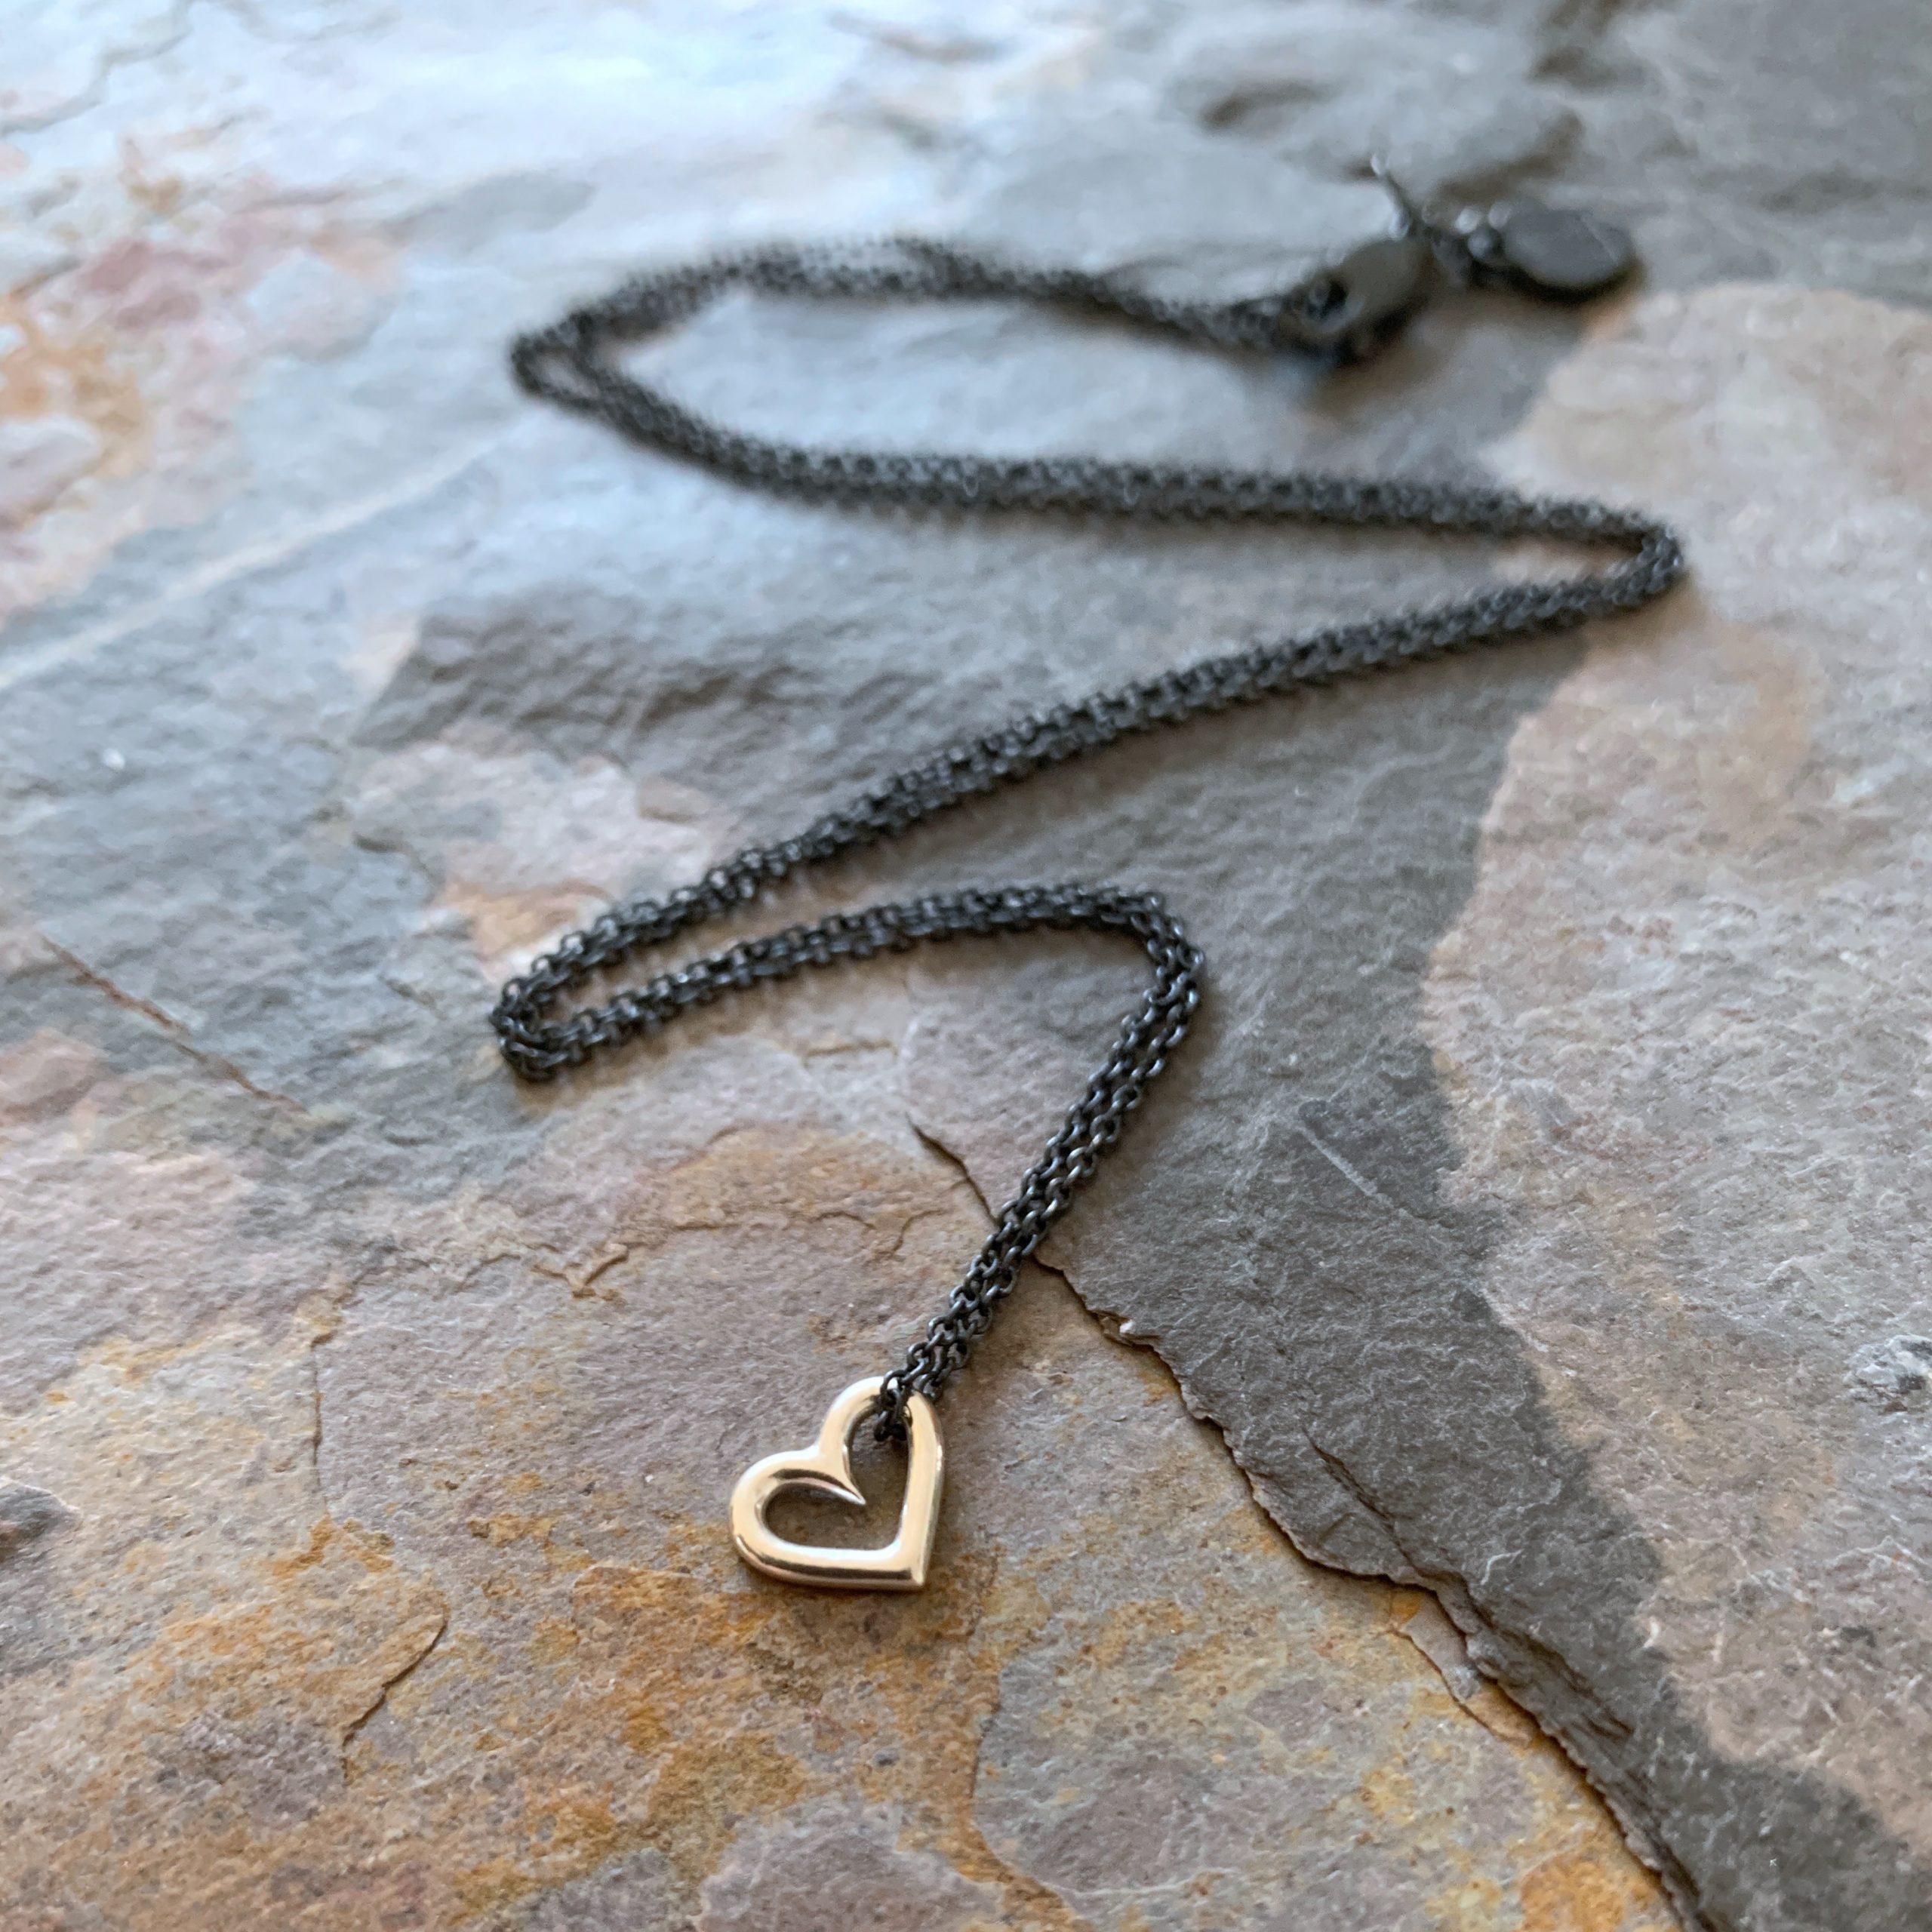 Heartbeats tiny floating heart necklace